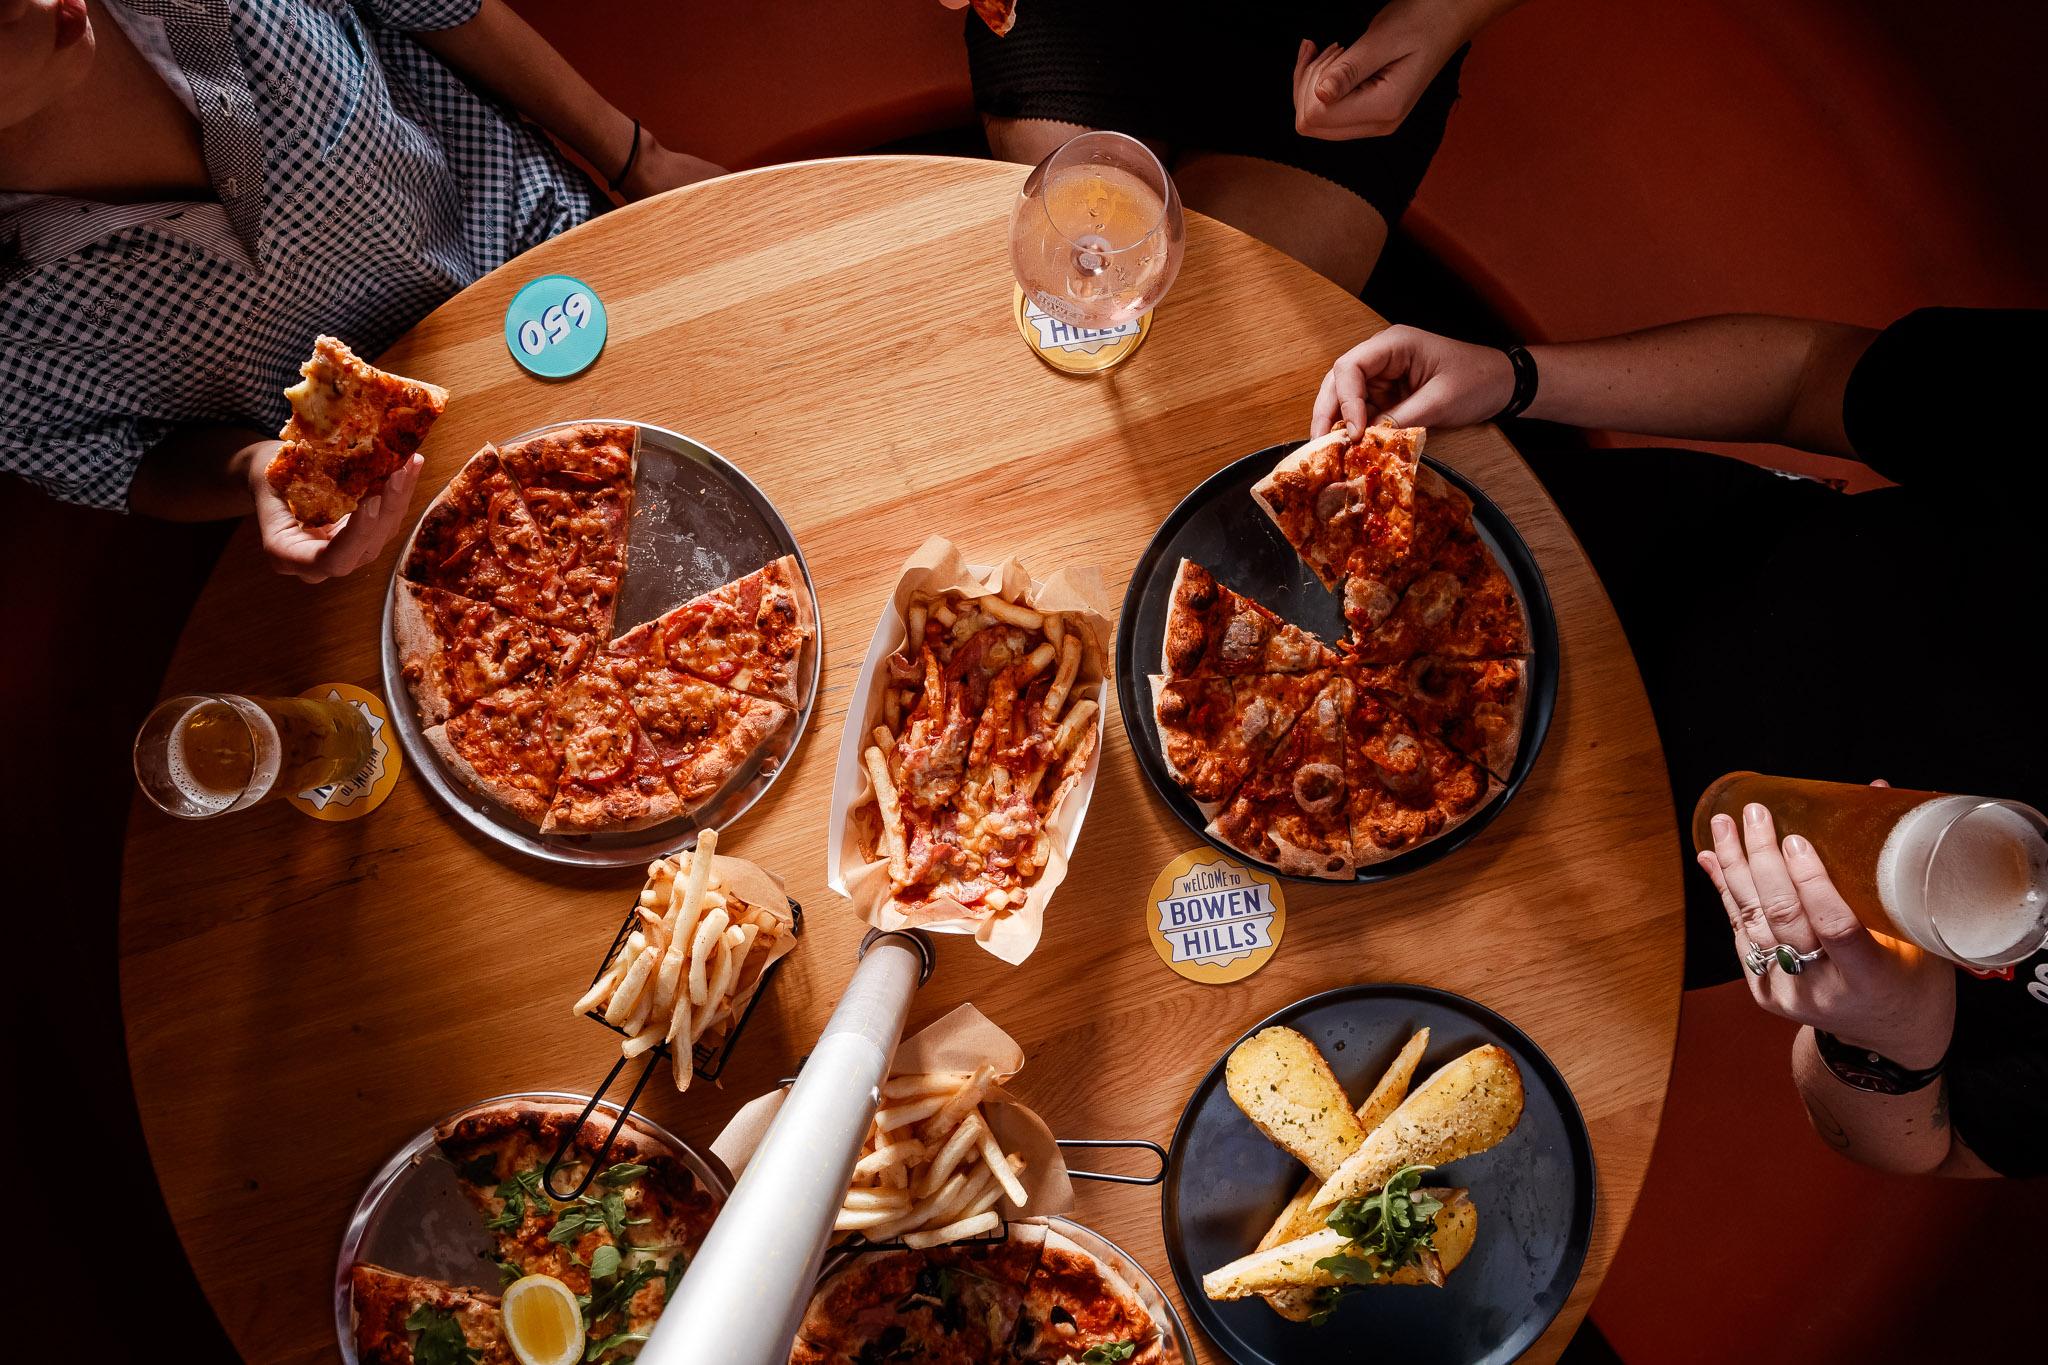 Harrys Pizza brisbane